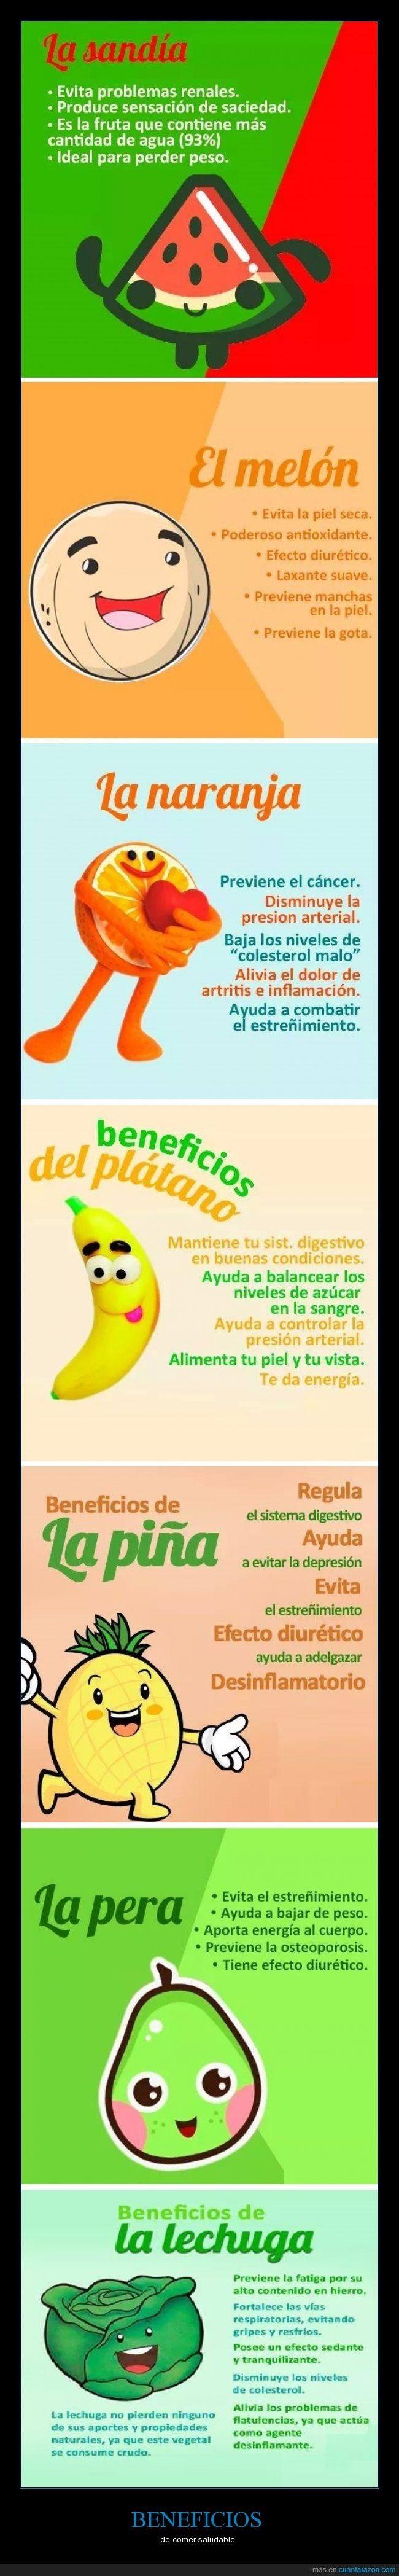 Los beneficios de las frutas #Nutrición y #Salud YG > nutricionysaludyg.com